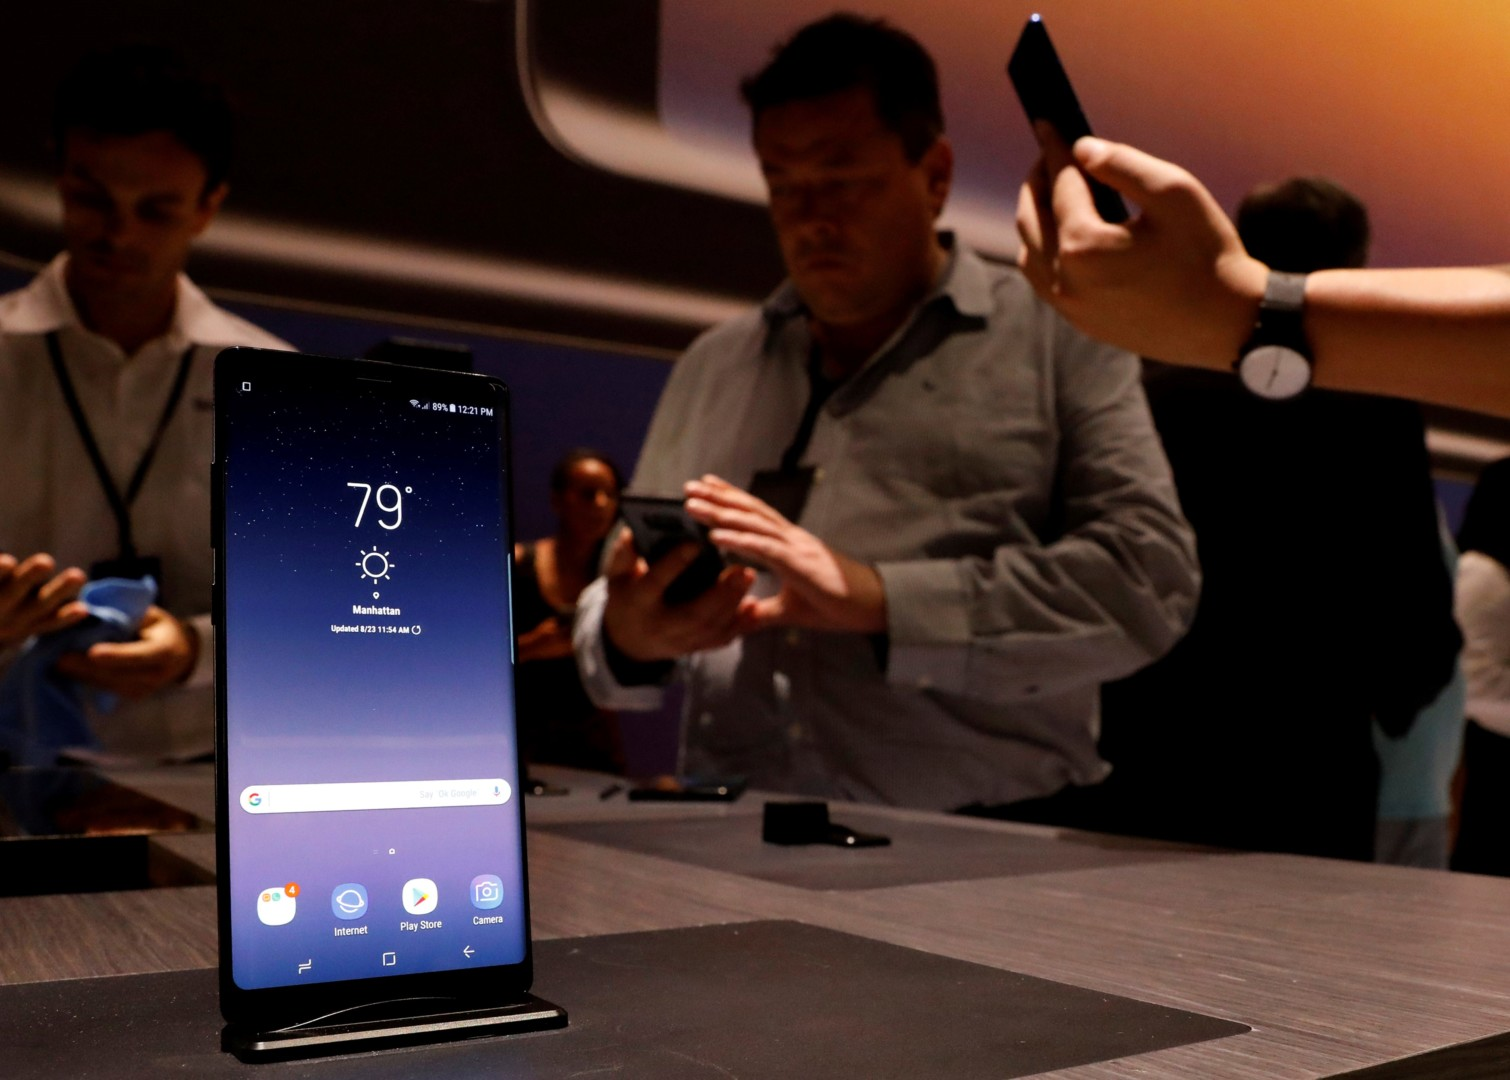 Con lápiz óptico y una batería renovada, Samsung lanzó el Galaxy Note 8